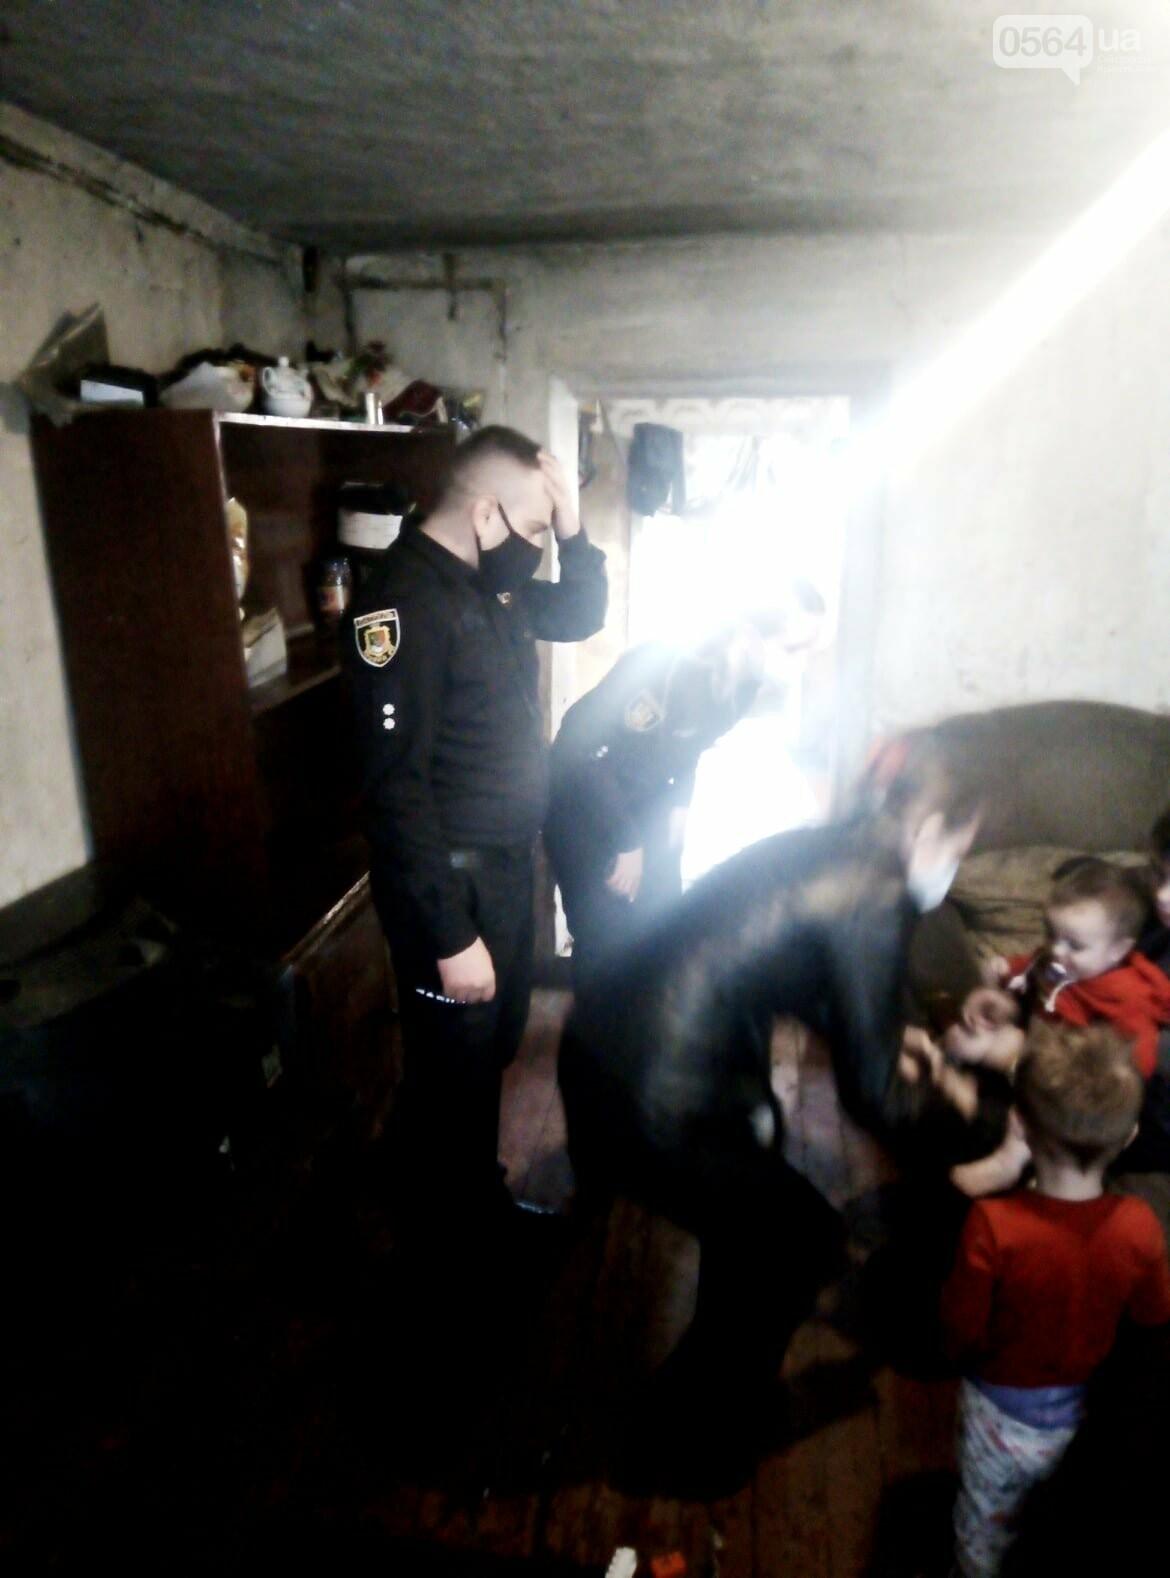 Замерзшие и голодные: в Кривом Роге у семьи изъяли четверых детей - ФОТО, фото-1